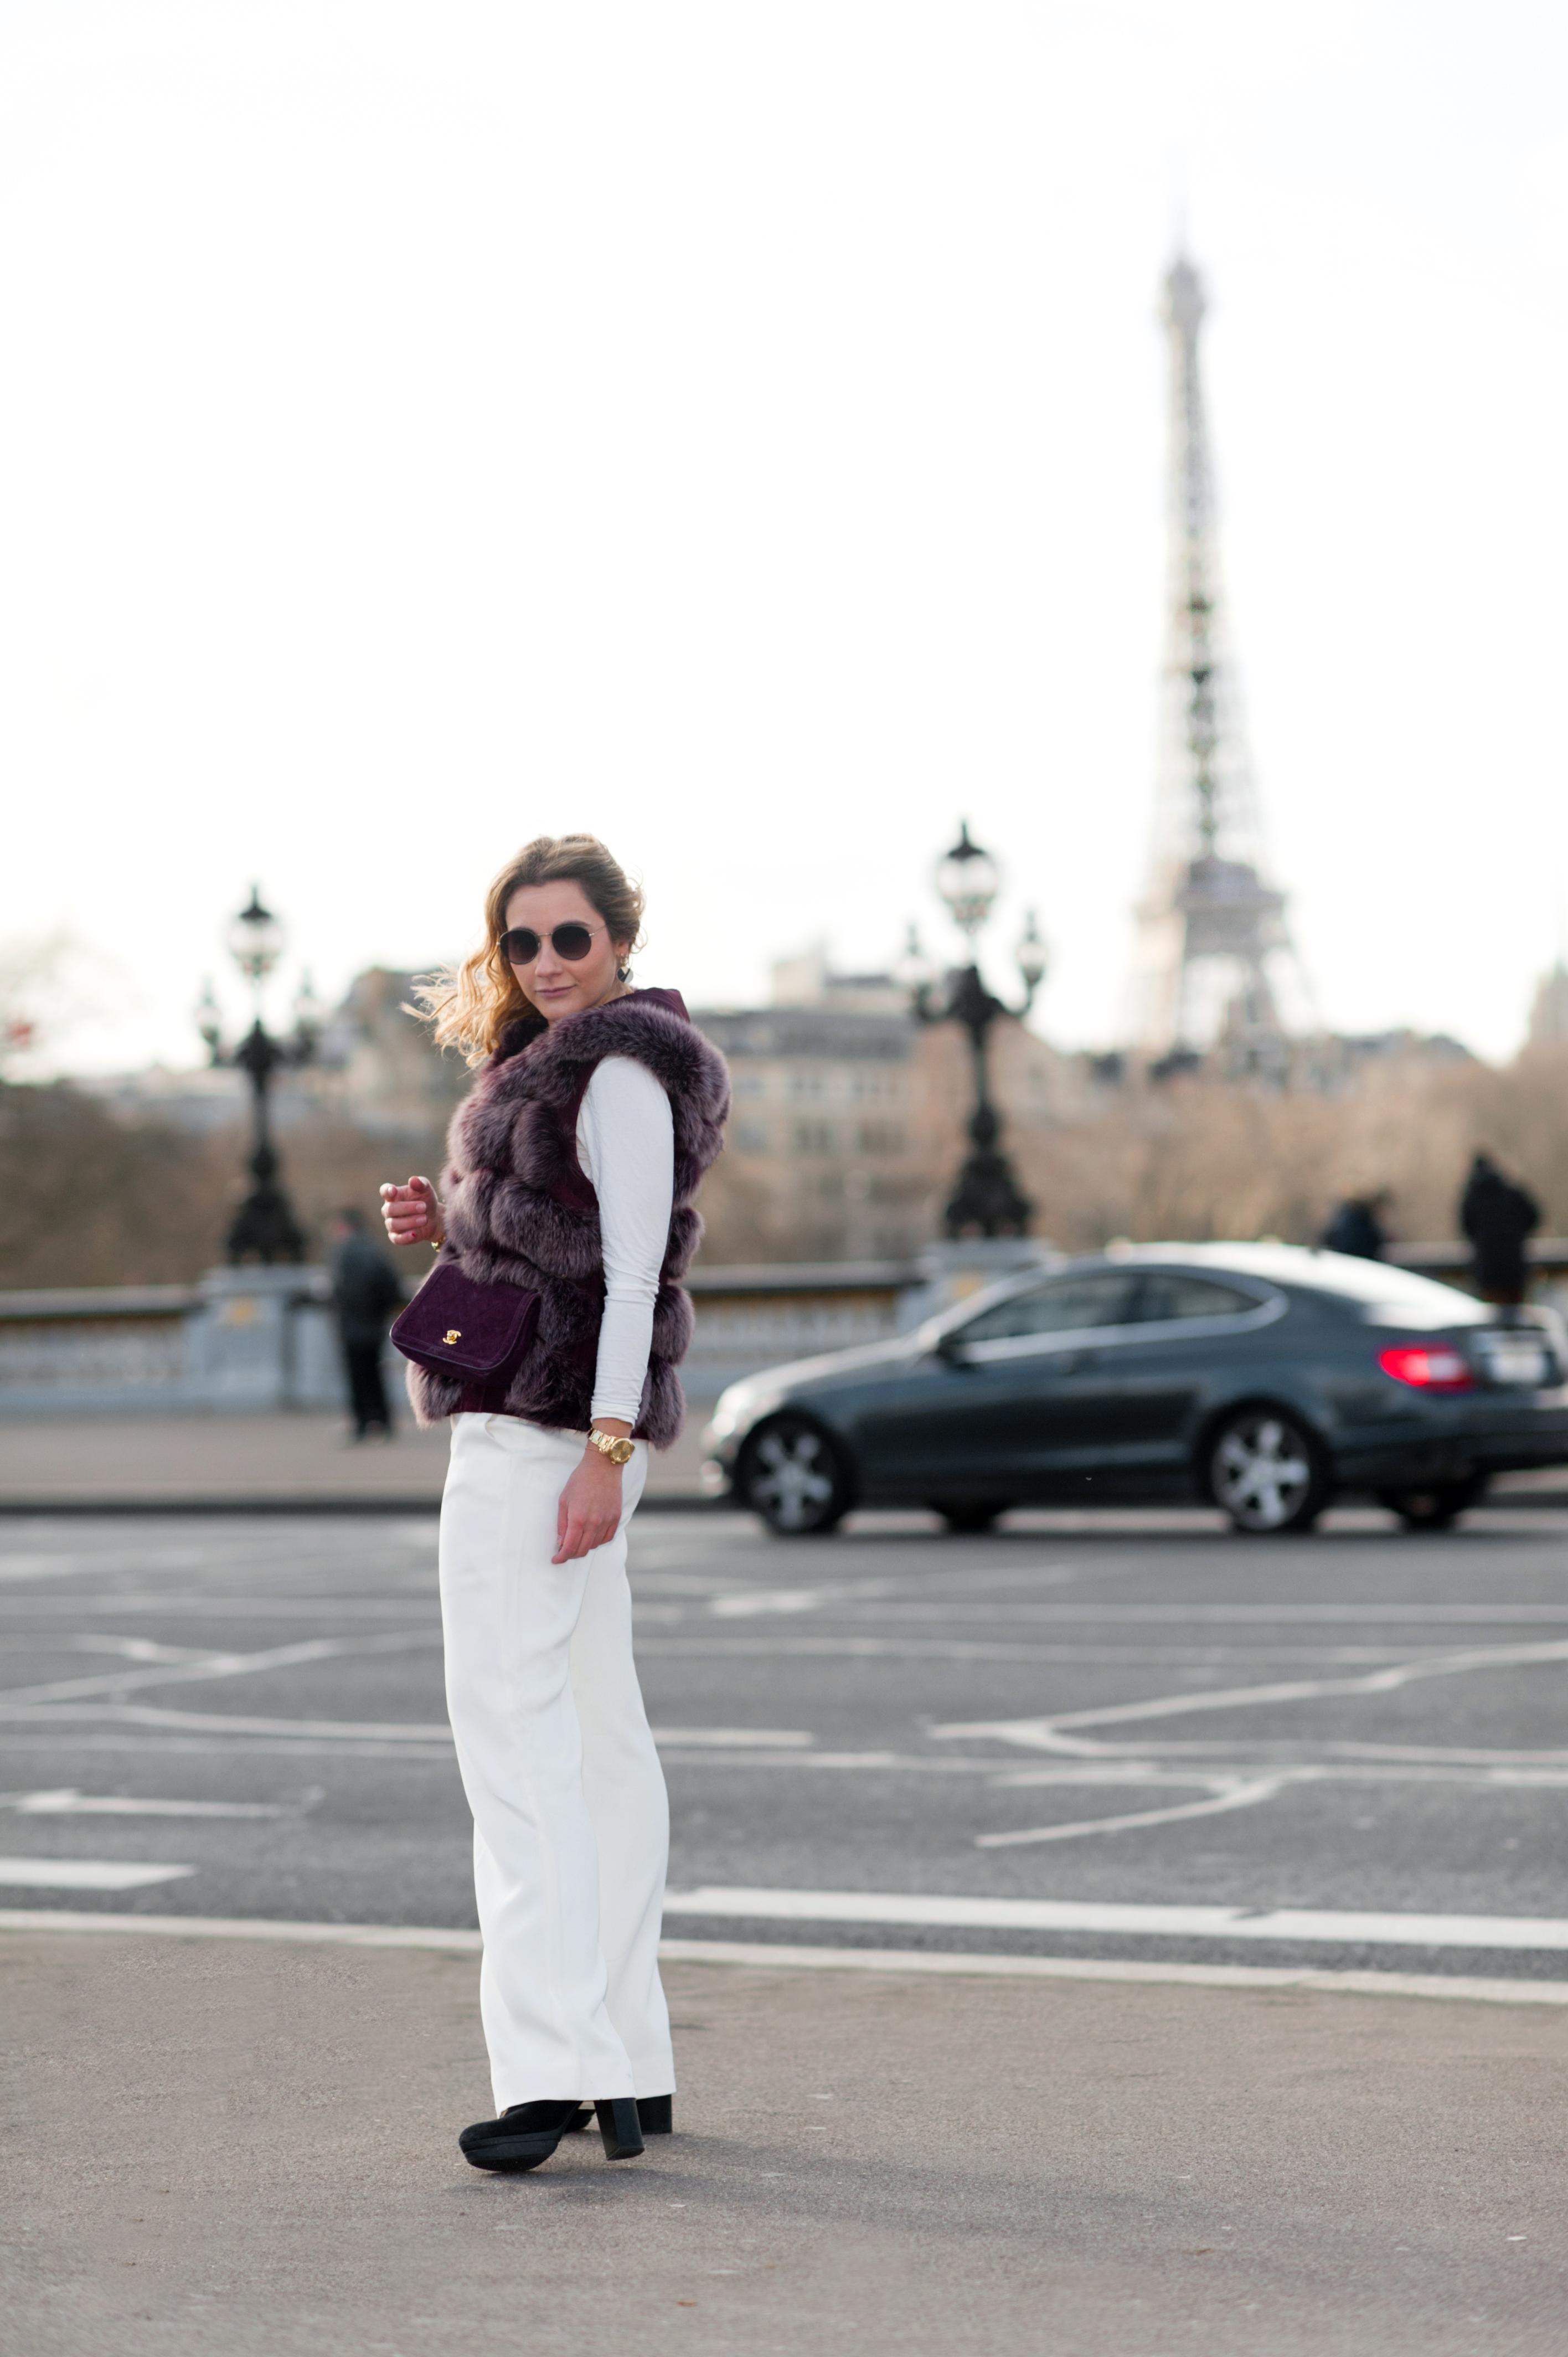 Max & Moi, Camille Benaroche blog mode, camille benaroche, blog beauté, lifestyle, travels, mode, streetstyle, blog mode paris